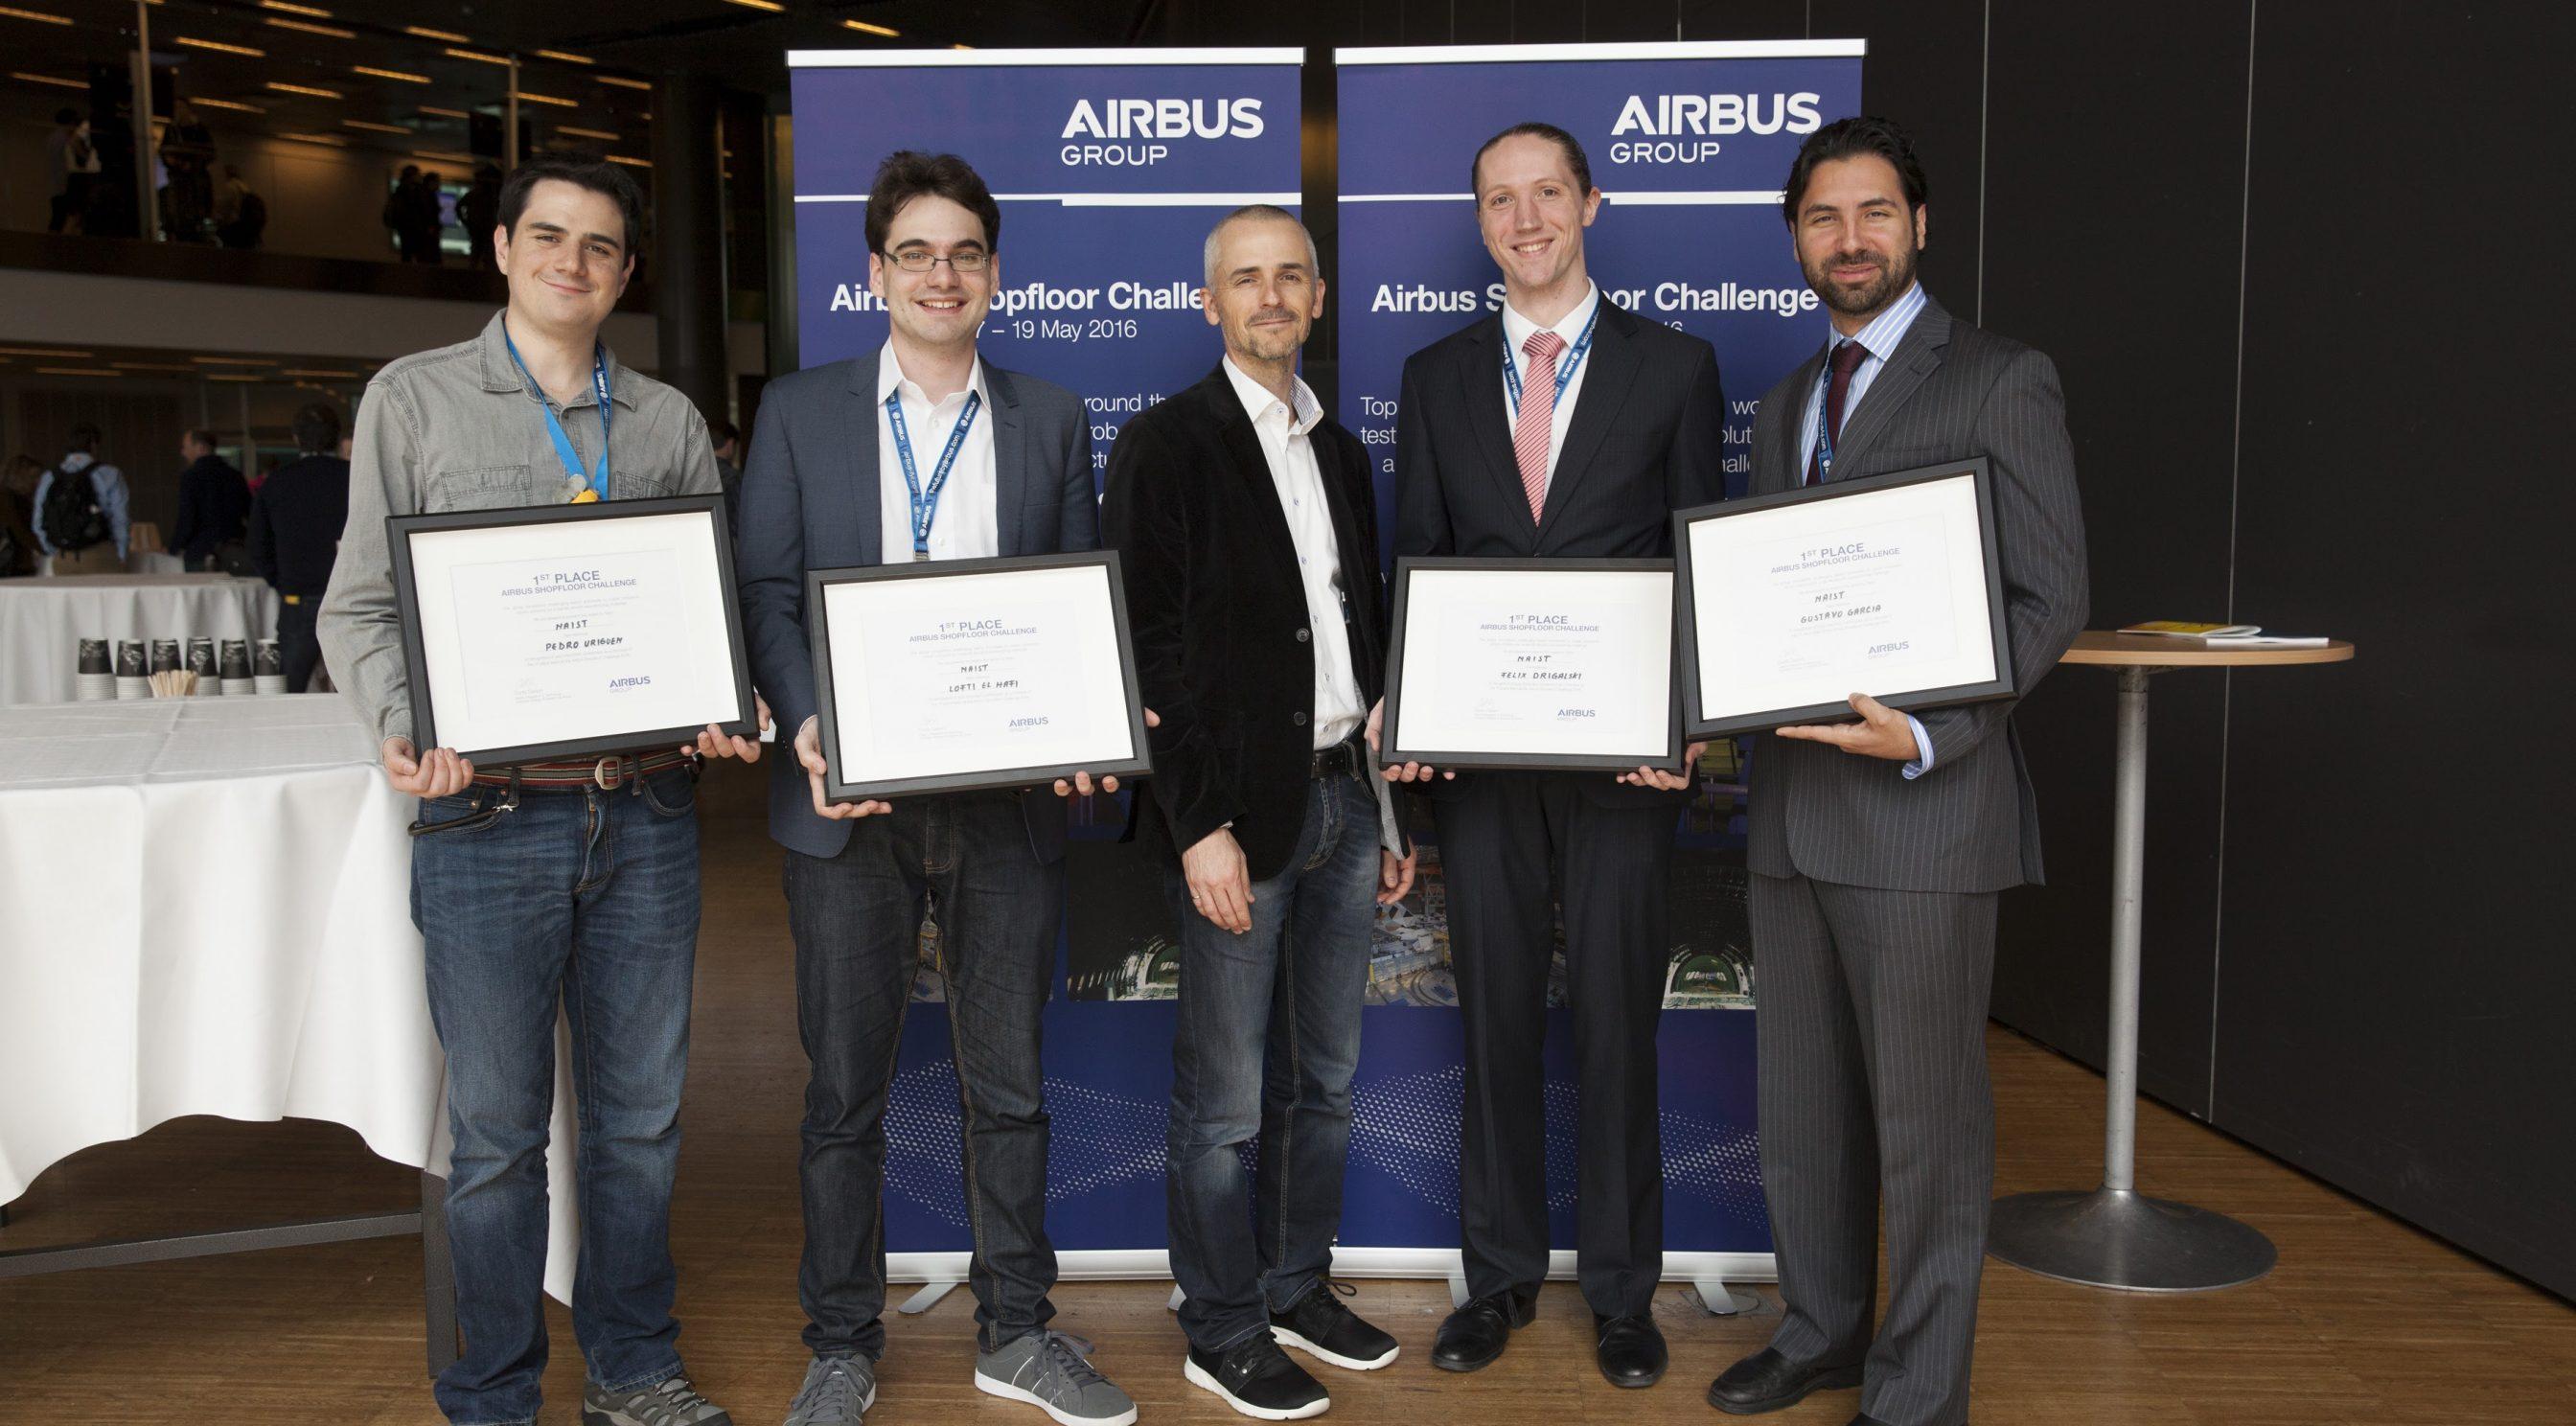 Airbus Shopfloor Challenge: A winning story